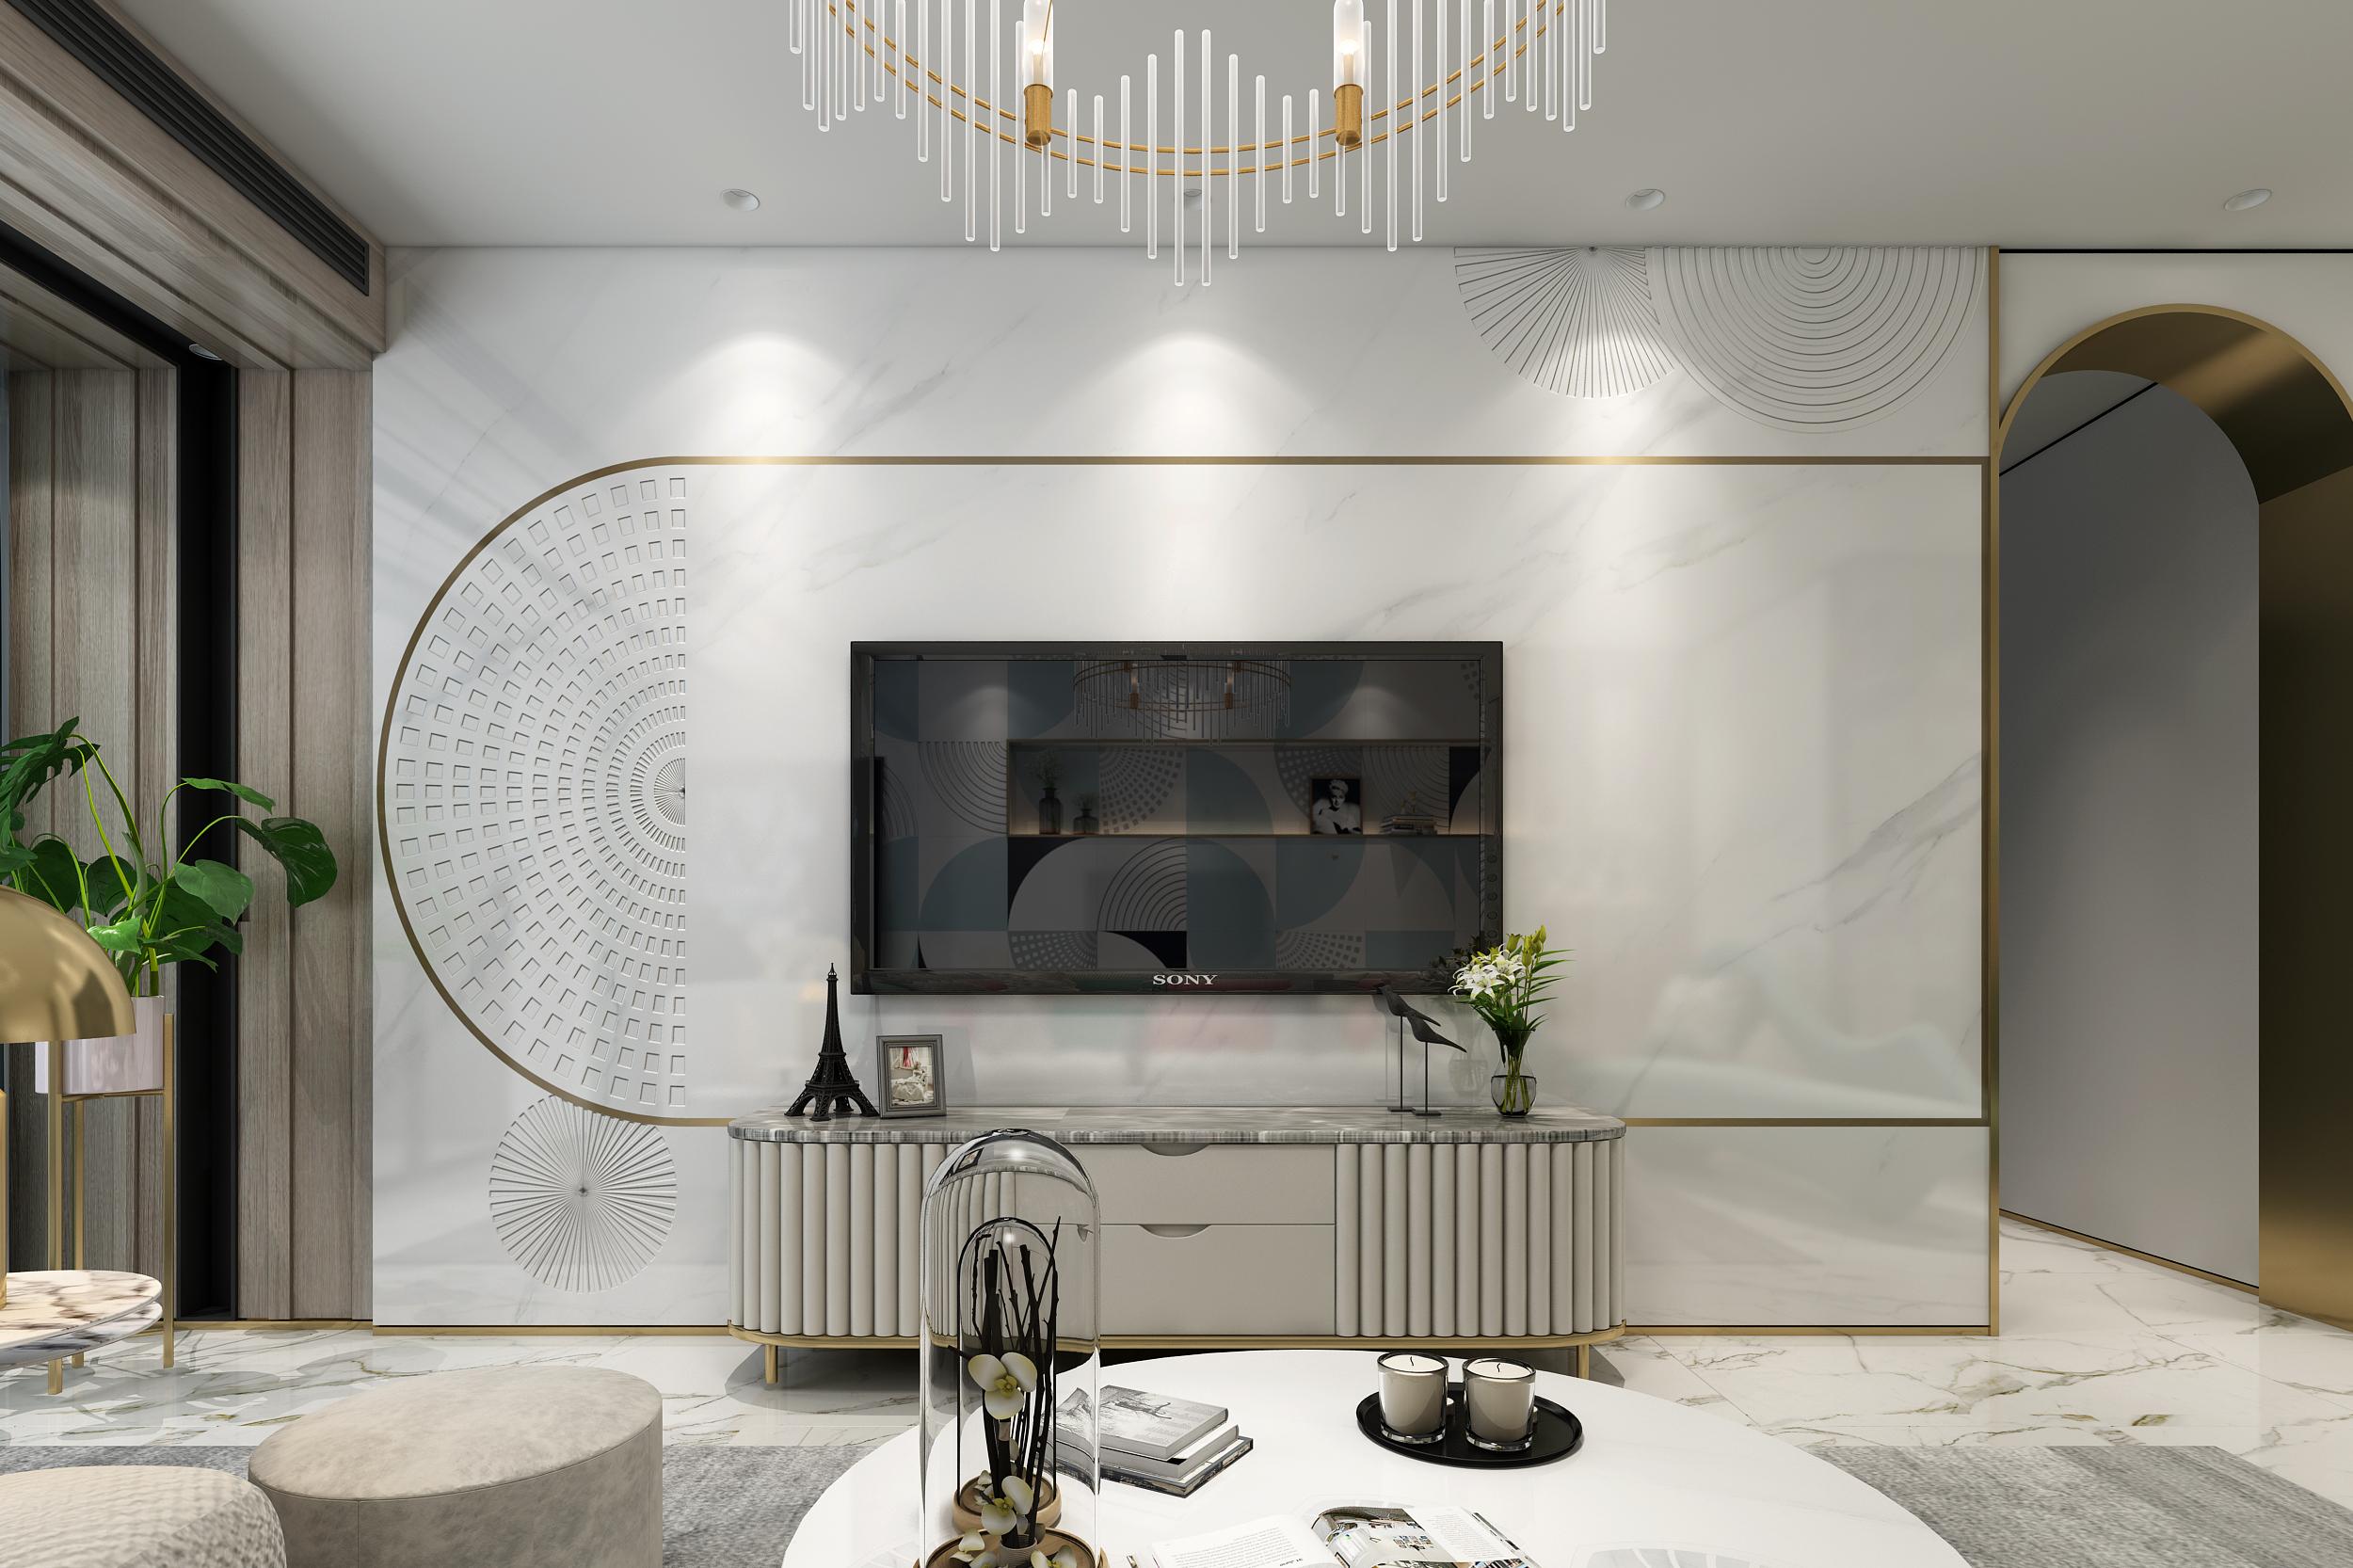 岩板定制 岩板大家居 石木源岩板 现代轻奢 全石背景墙图片来自石木源设计在石木源岩板定制整体客厅的分享